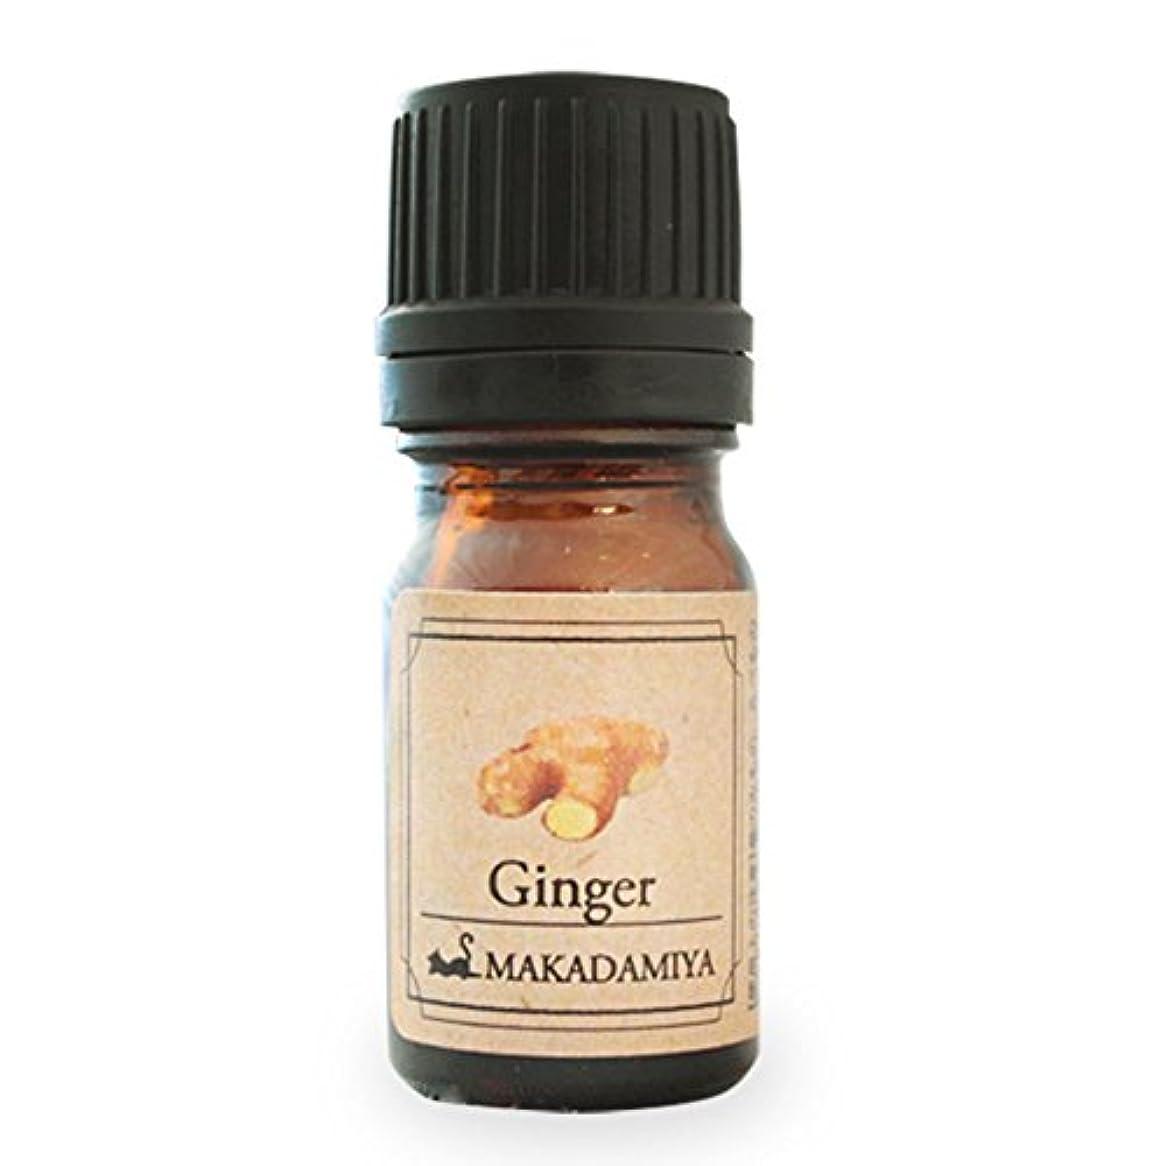 土曜日メッセージ多くの危険がある状況ジンジャー5ml 天然100%植物性 エッセンシャルオイル(精油) アロマオイル アロママッサージ aroma Ginger